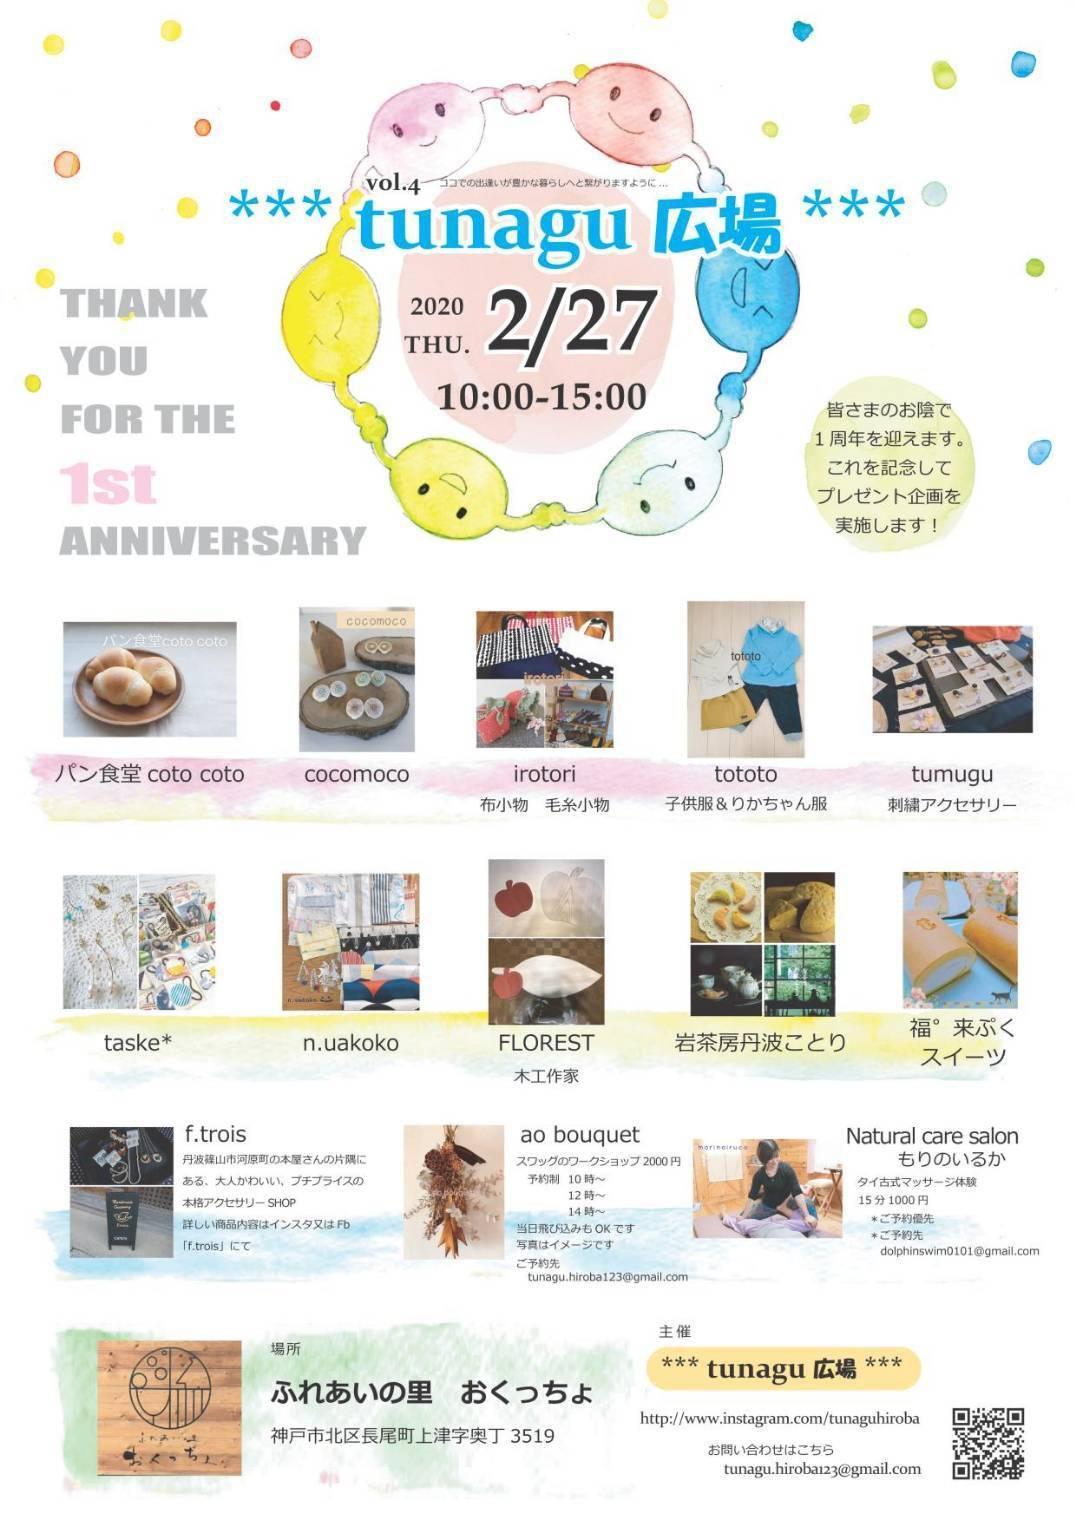 2月27日(木)tunagu広場、イベント出店のお知らせ_d0293004_19502673.jpeg